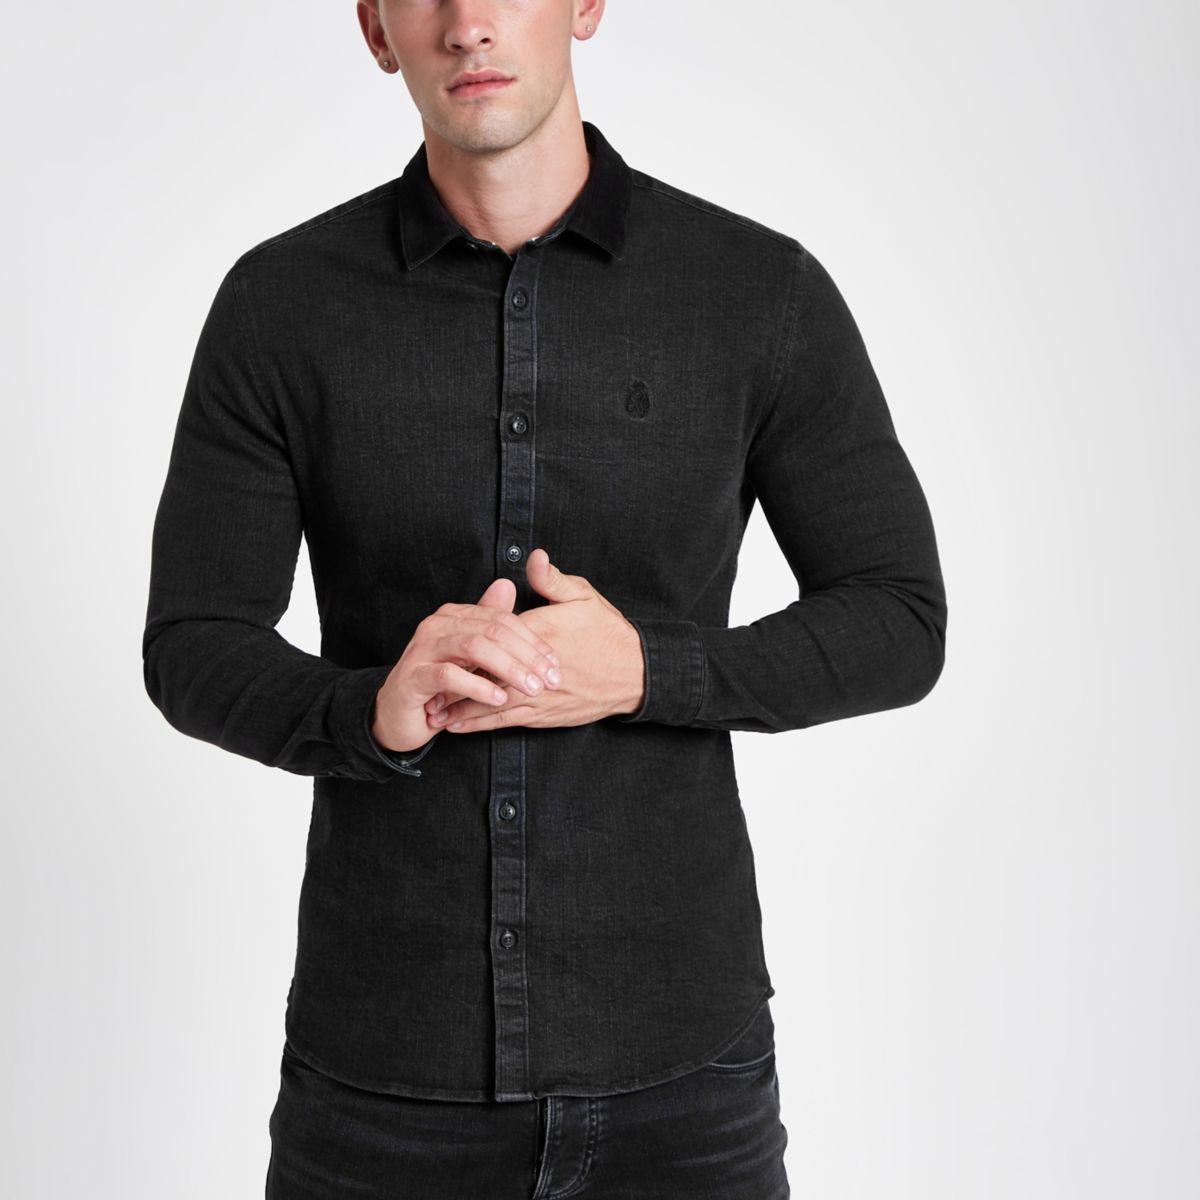 Black long sleeve button-up denim shirt